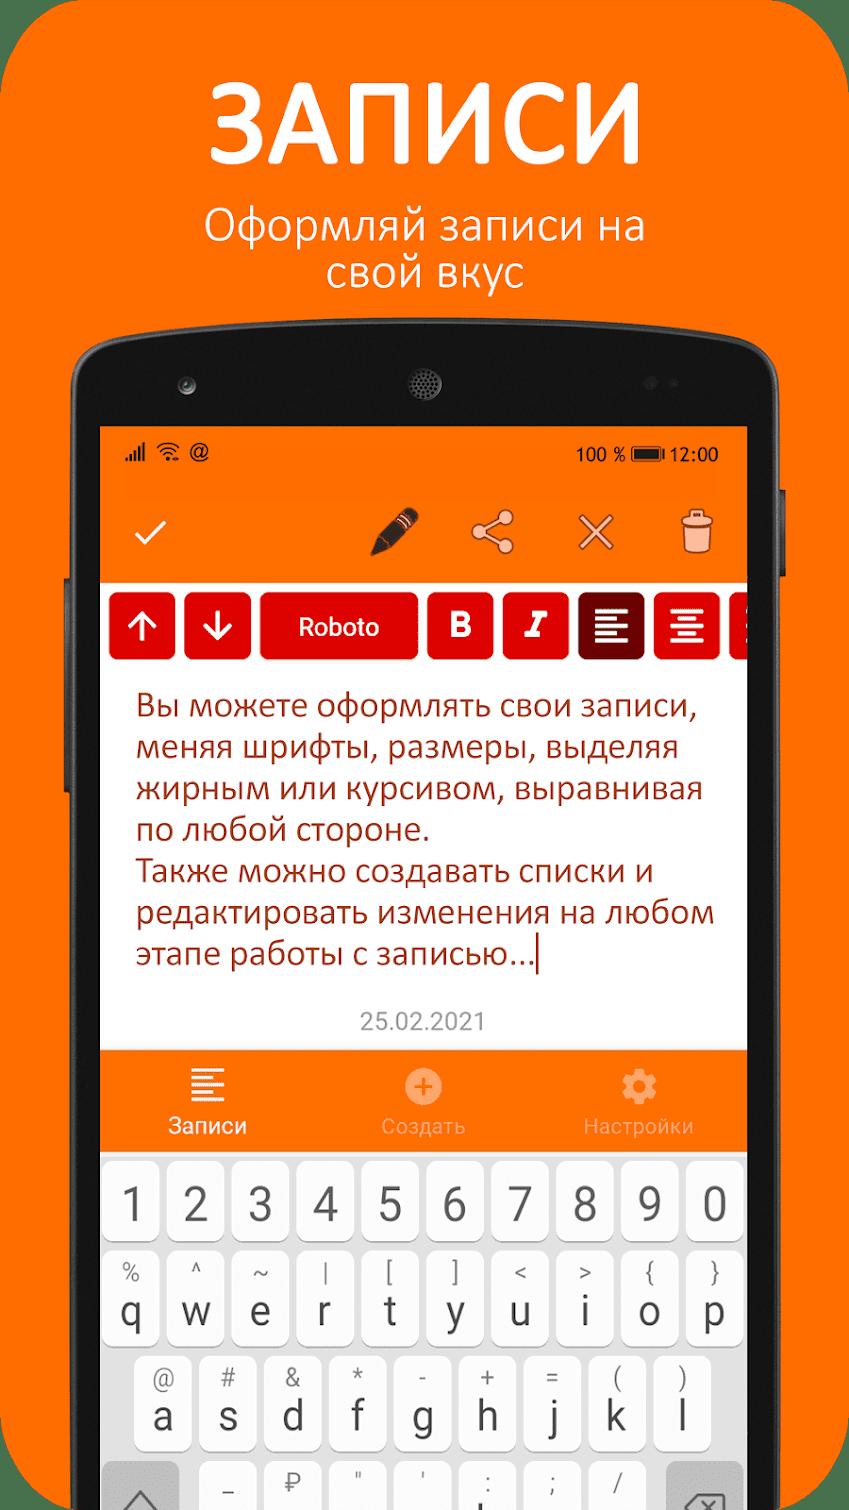 Krasnyj bloknot скриншот 3